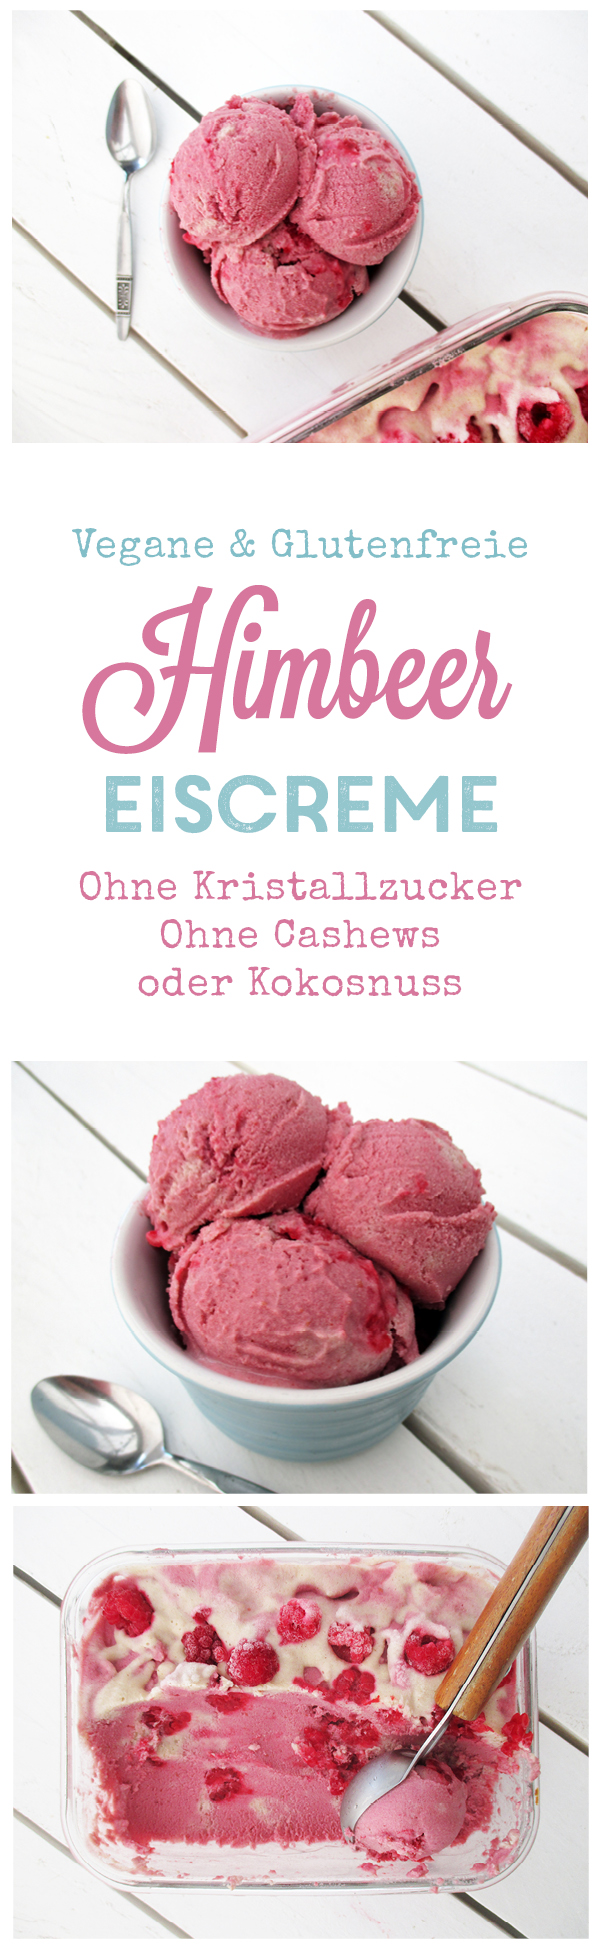 Vegane Glutenfreie Himbeer Eis Creme Ohne Milch Ohne Zucker Rezept